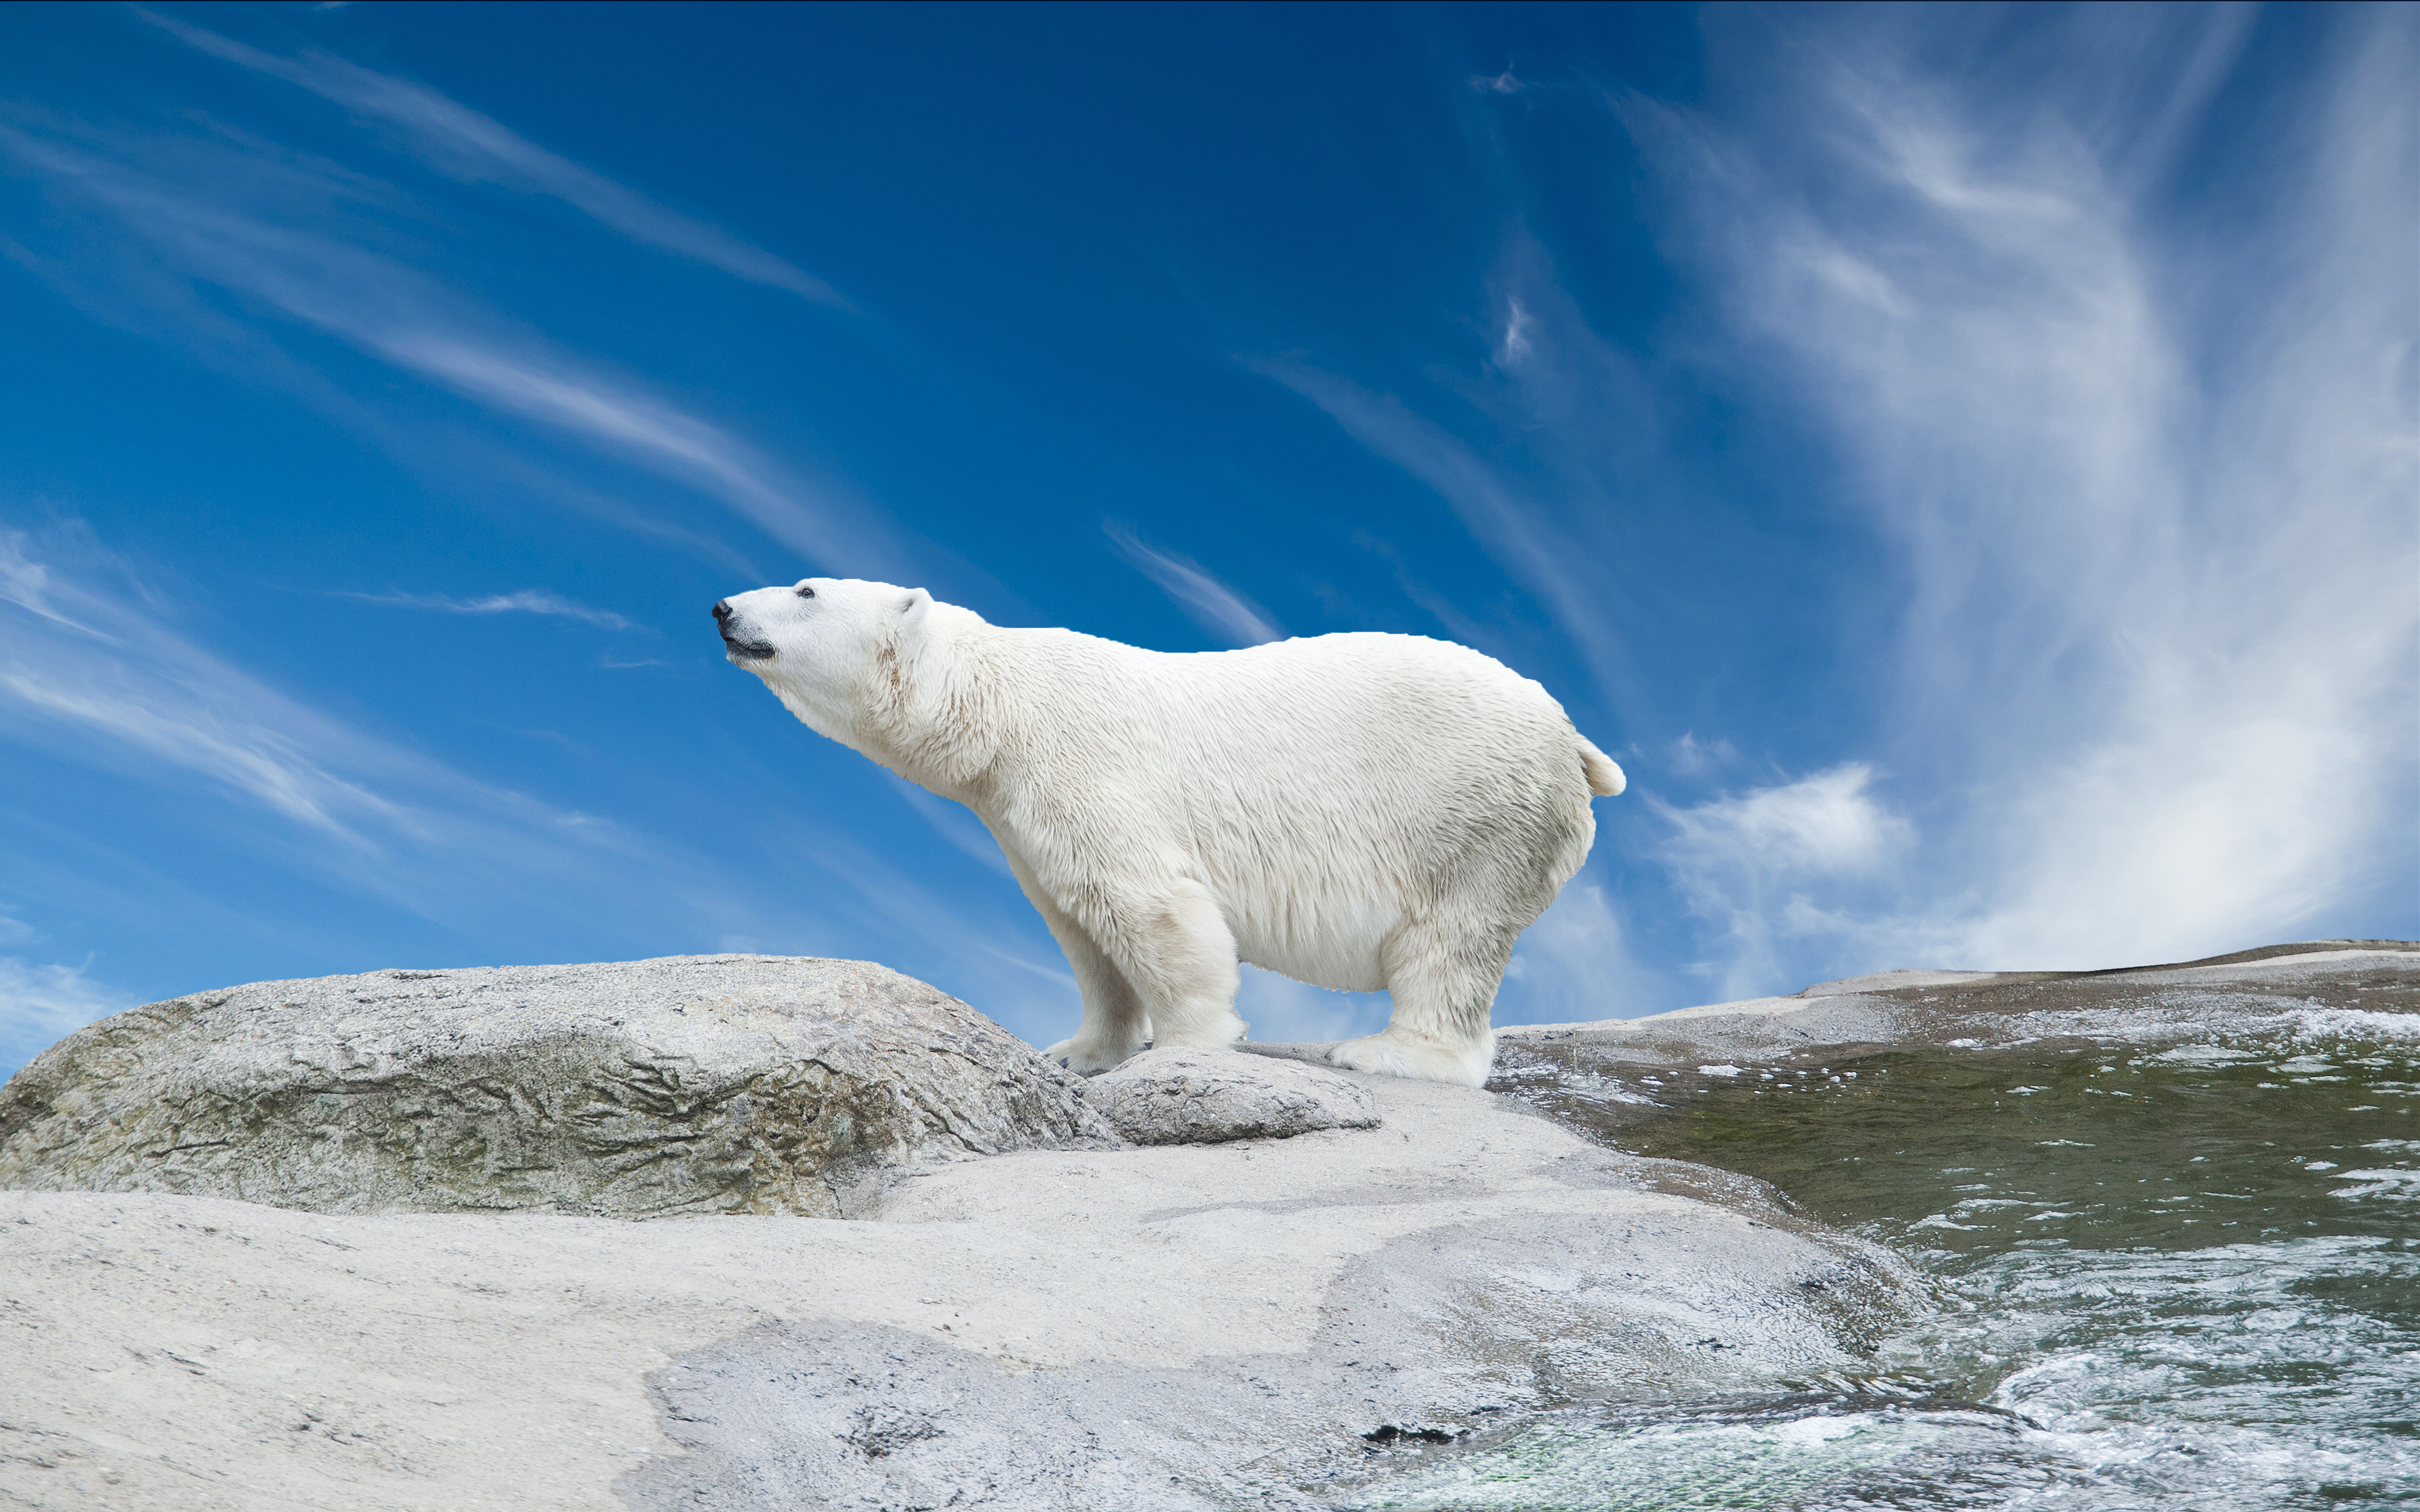 Zebra Wallpaper Hd The Polar Bear Has An Elongated Body Small Well Developed